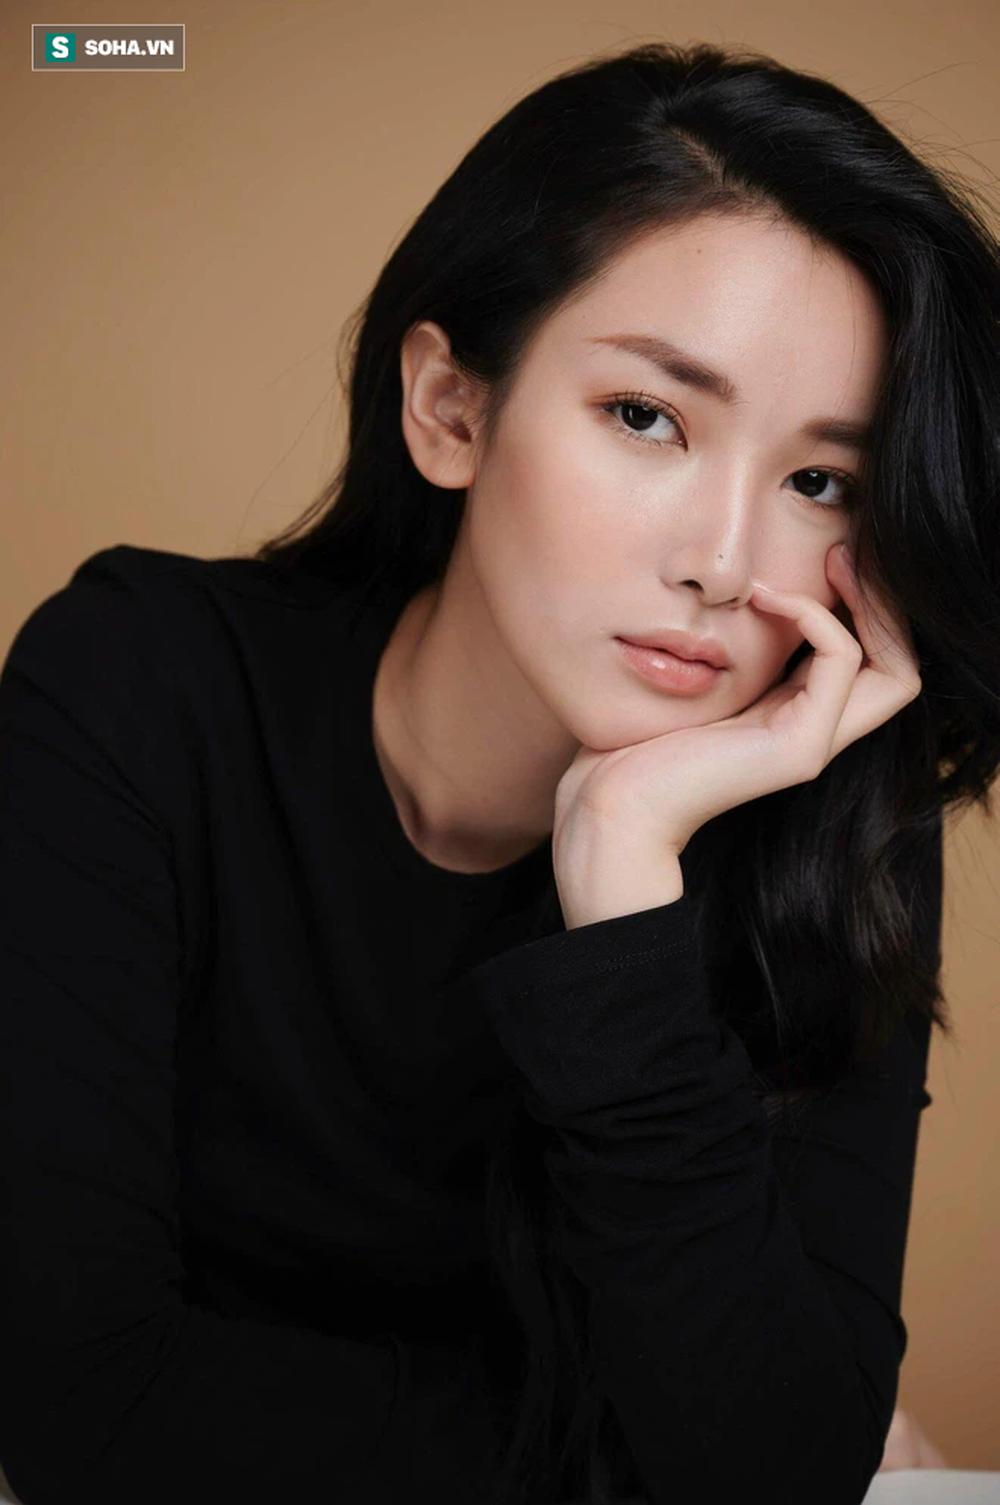 Nữ BTV xinh đẹp Khánh Linh: Chúng ta đều mong ĐTVN thắng, nhưng cũng phải thực tế... - Ảnh 6.